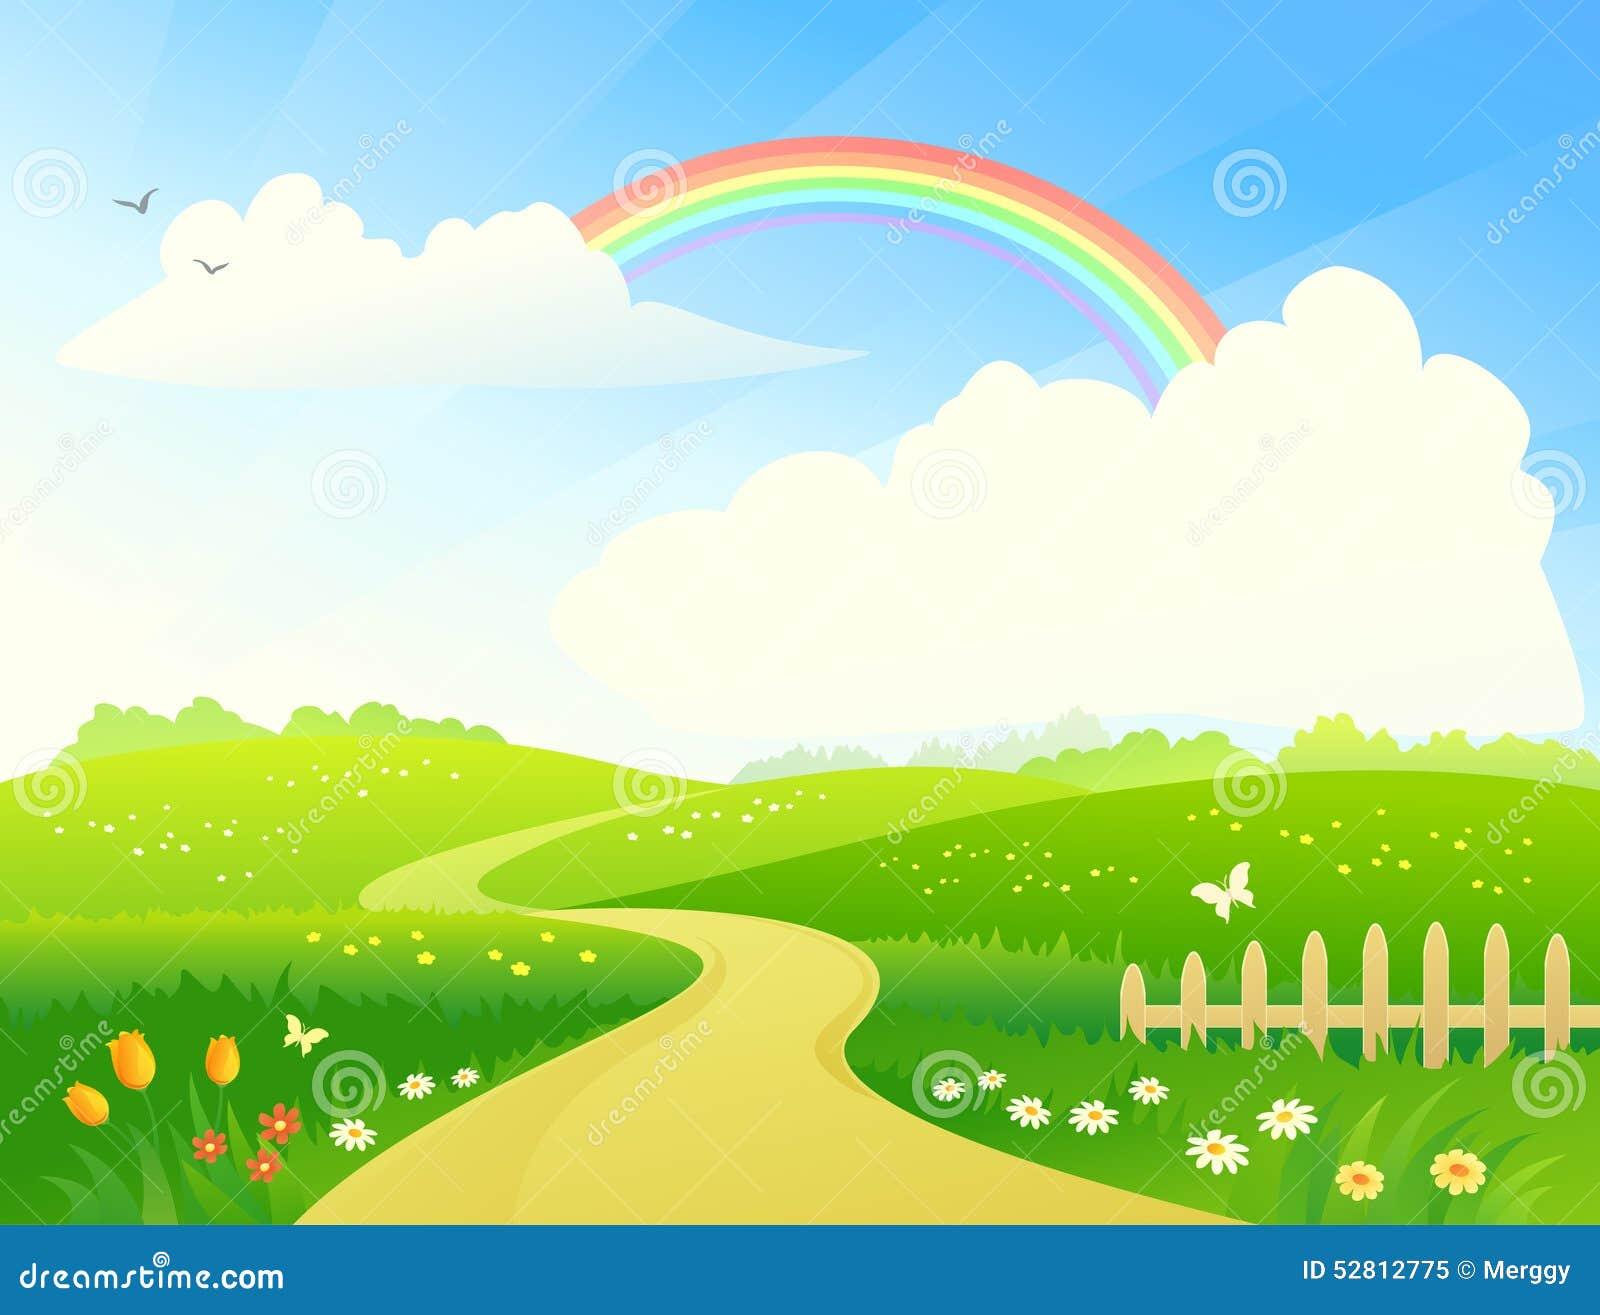 与彩虹的风景